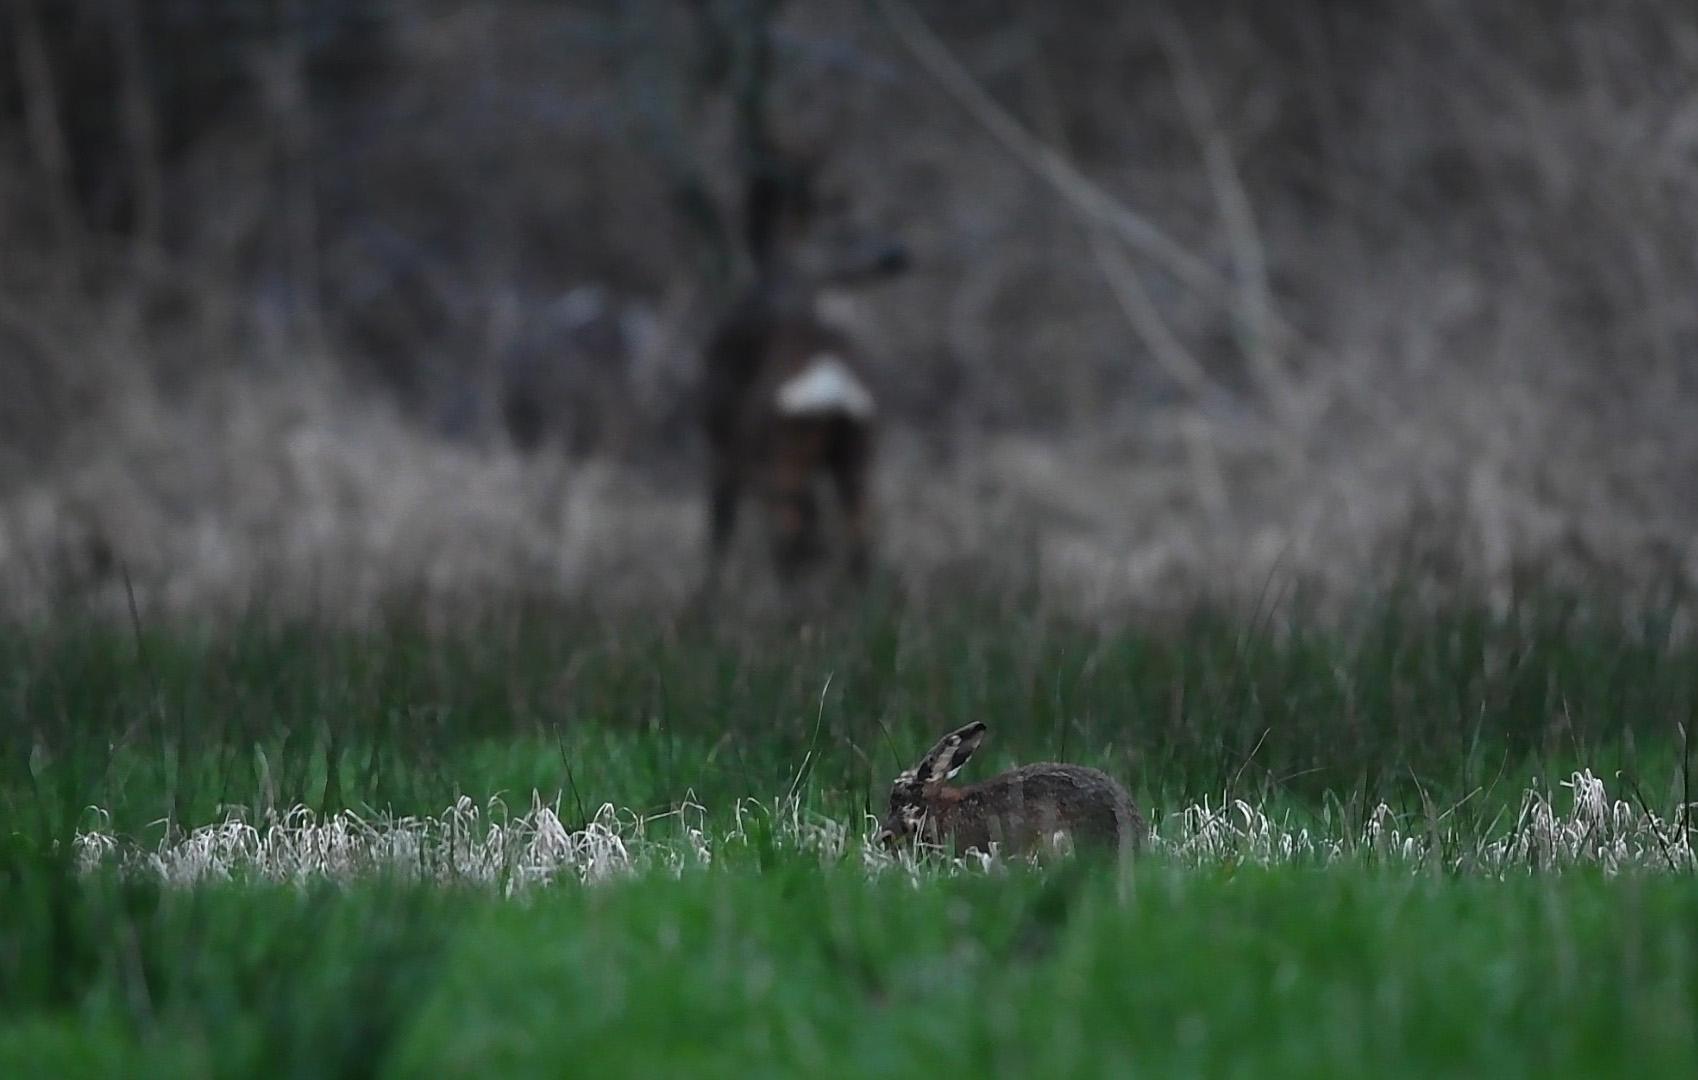 Dan ontdekken we een haas op de voorgrond in het gras - Foto: ©Louis Fraanje